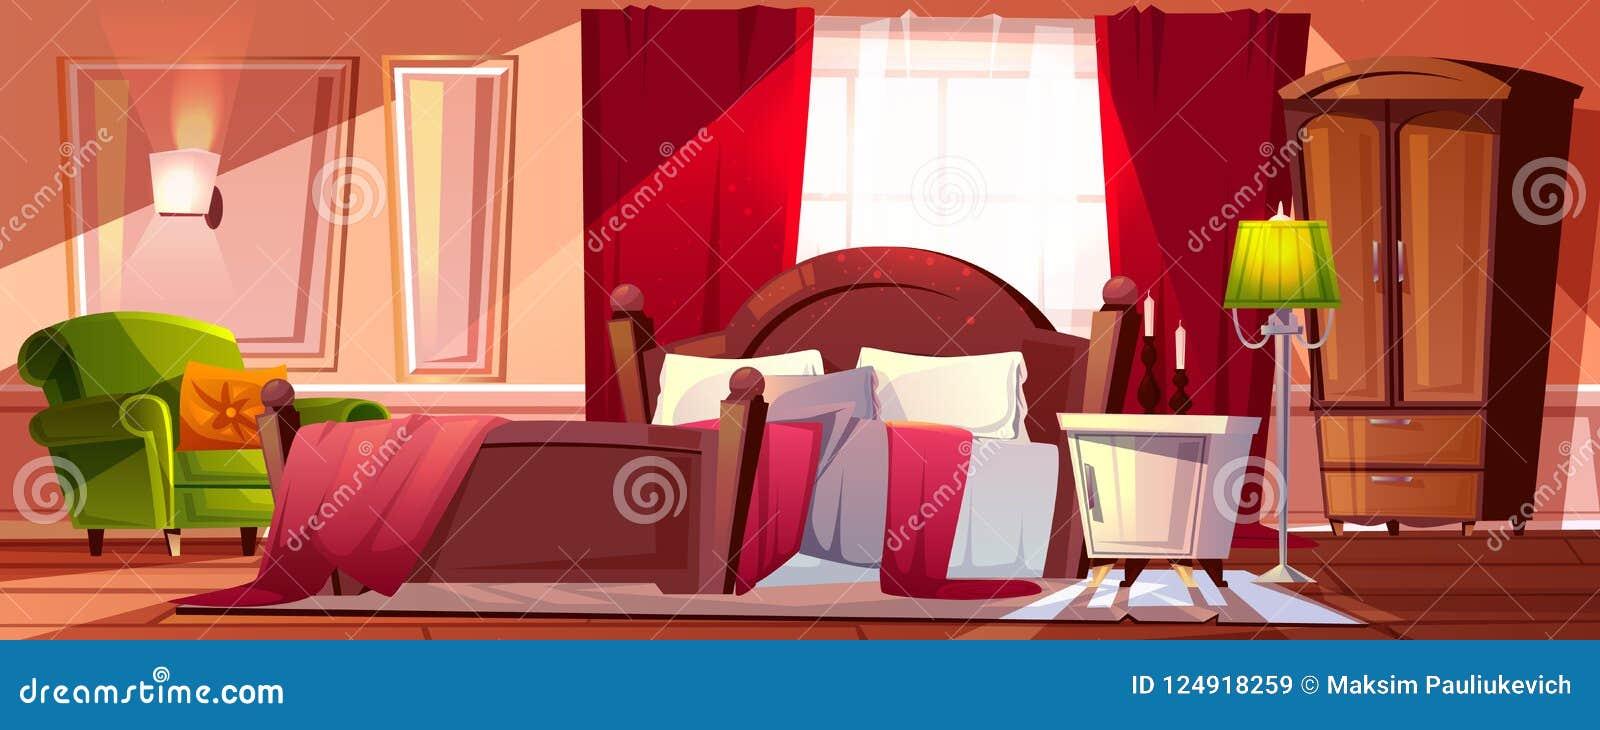 Chambre A Coucher Dans L Illustration De Vecteur De Desordre De Matin Illustration De Vecteur Illustration Du Vecteur Coucher 124918259